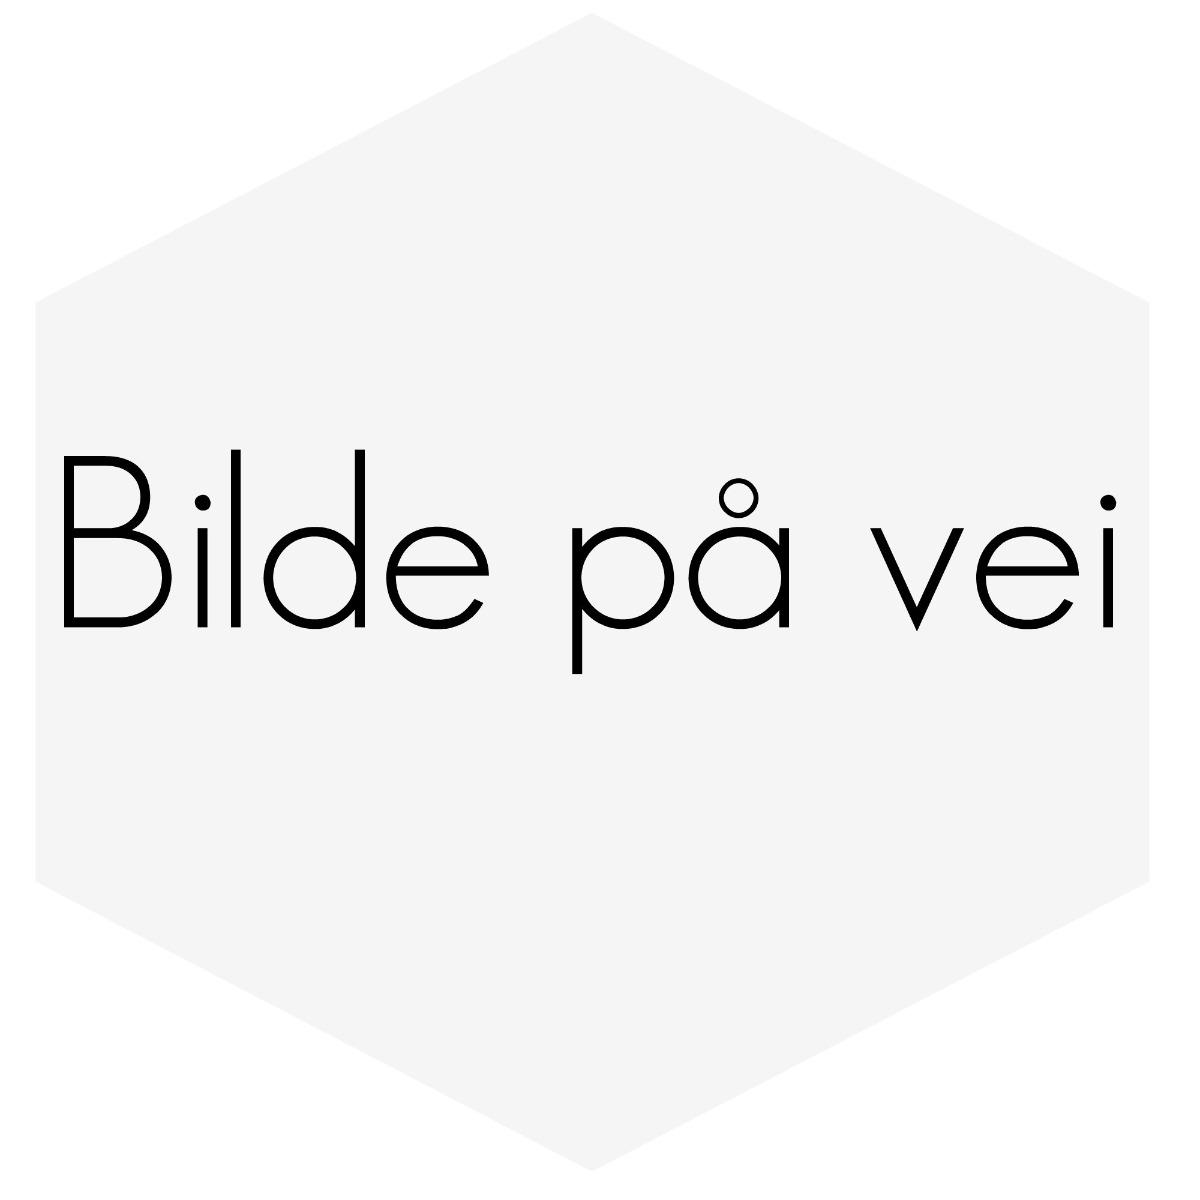 STAB.STAG KOMPLETT MED FORINGER TIL VOLVO S60,V70